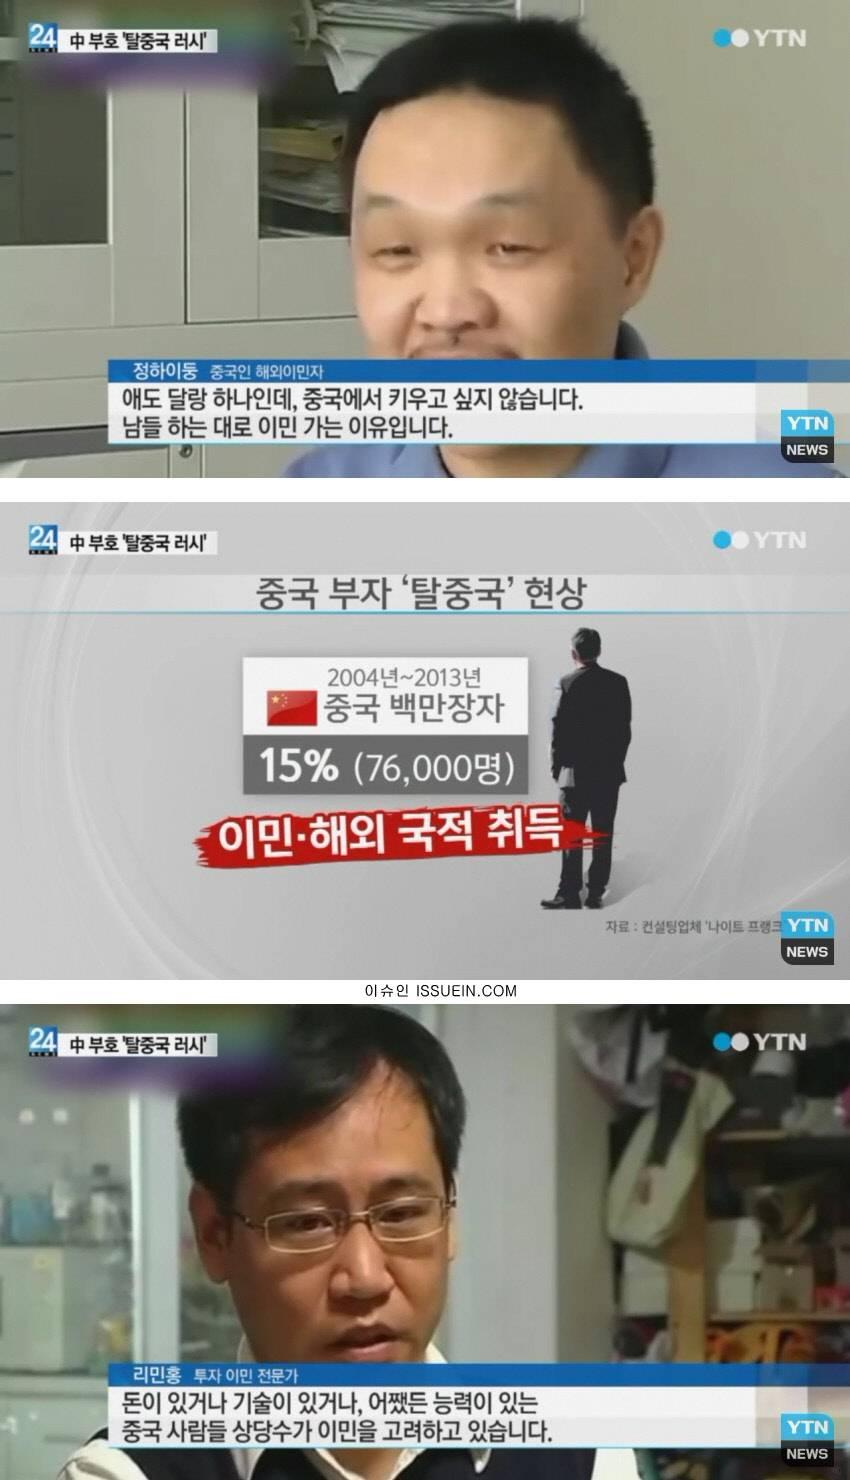 부자들의 탈중국 현상.jpg